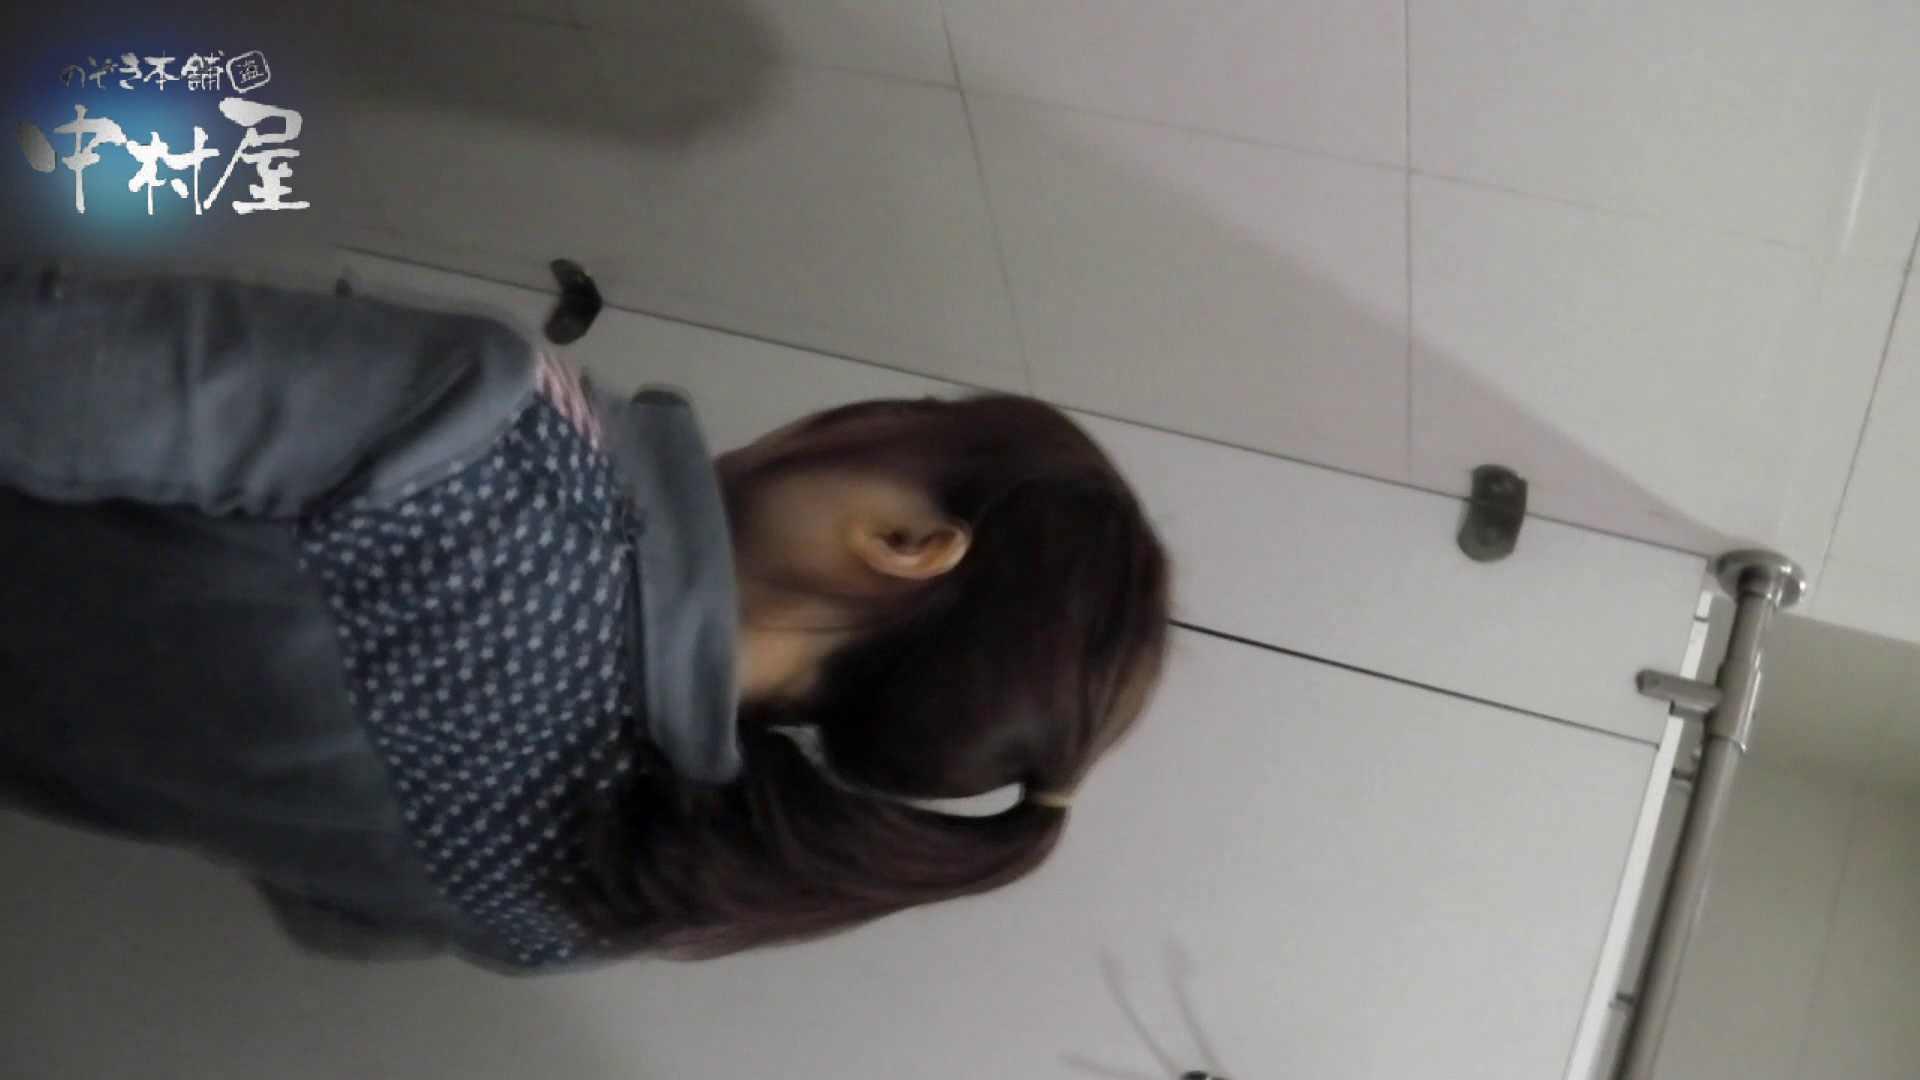 乙女集まる!ショッピングモール潜入撮vol.09 和式トイレ おまんこ無修正動画無料 87pic 11